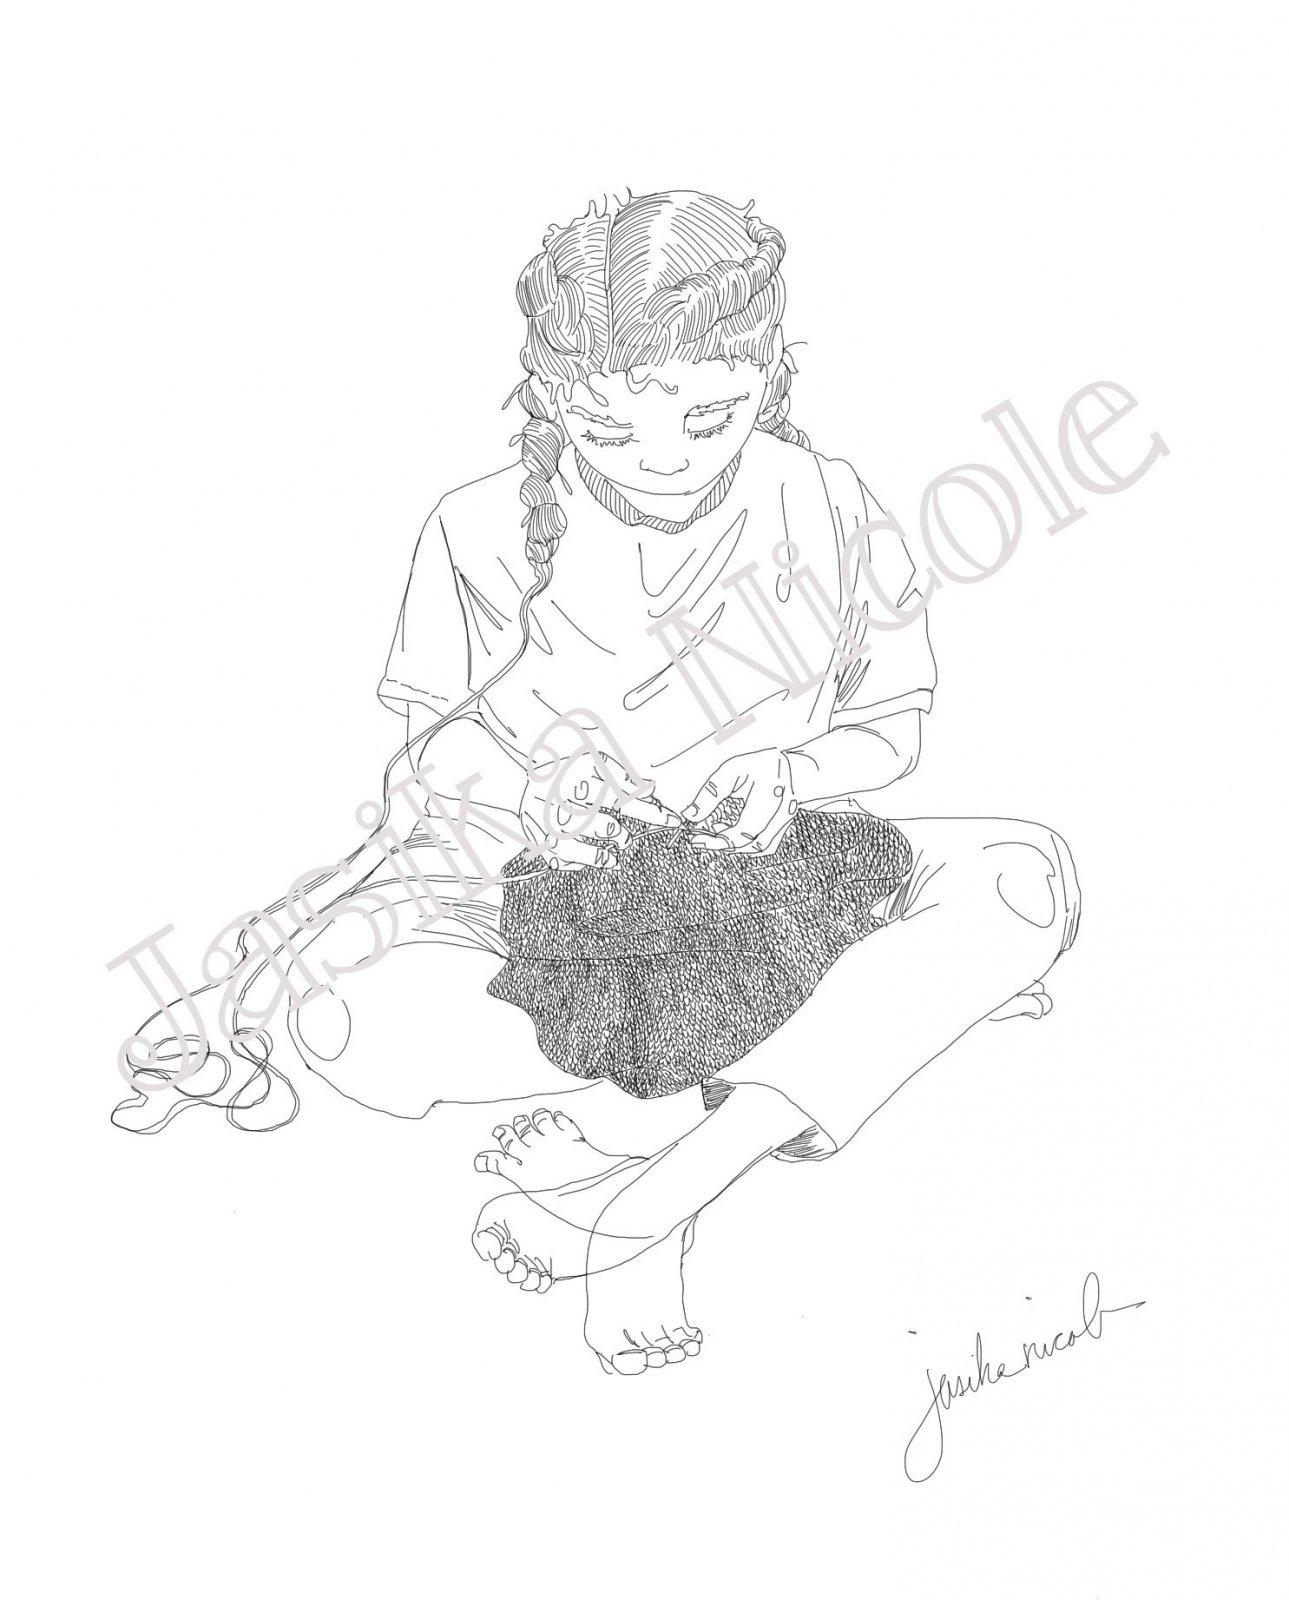 Stockinette Illustration by Jasika Nicole; 11x17